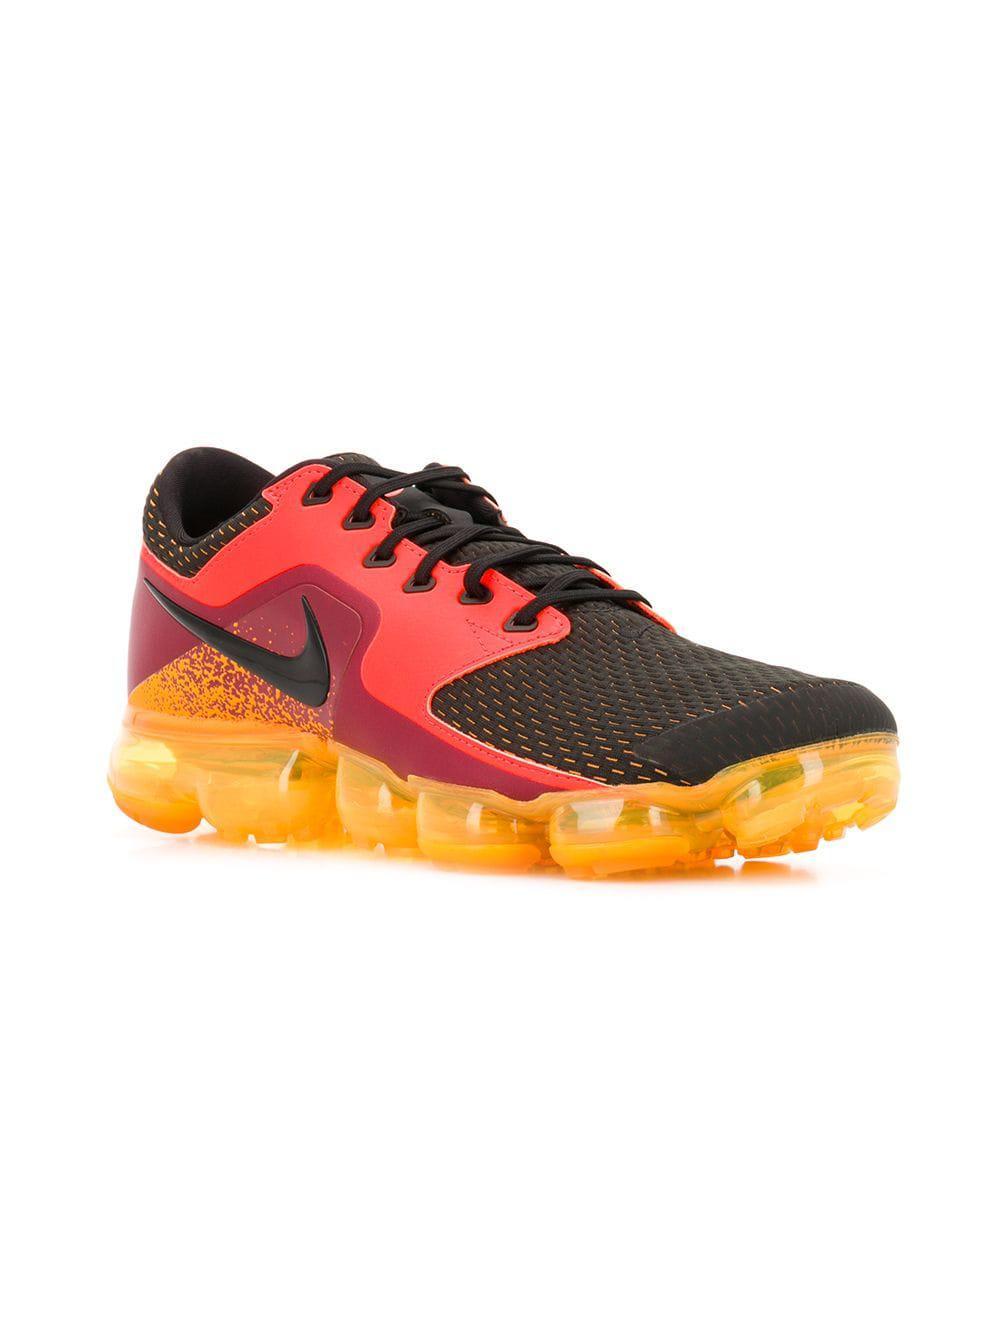 1053db6b86 Lyst - Nike Air Vapormax Sneakers in Orange for Men